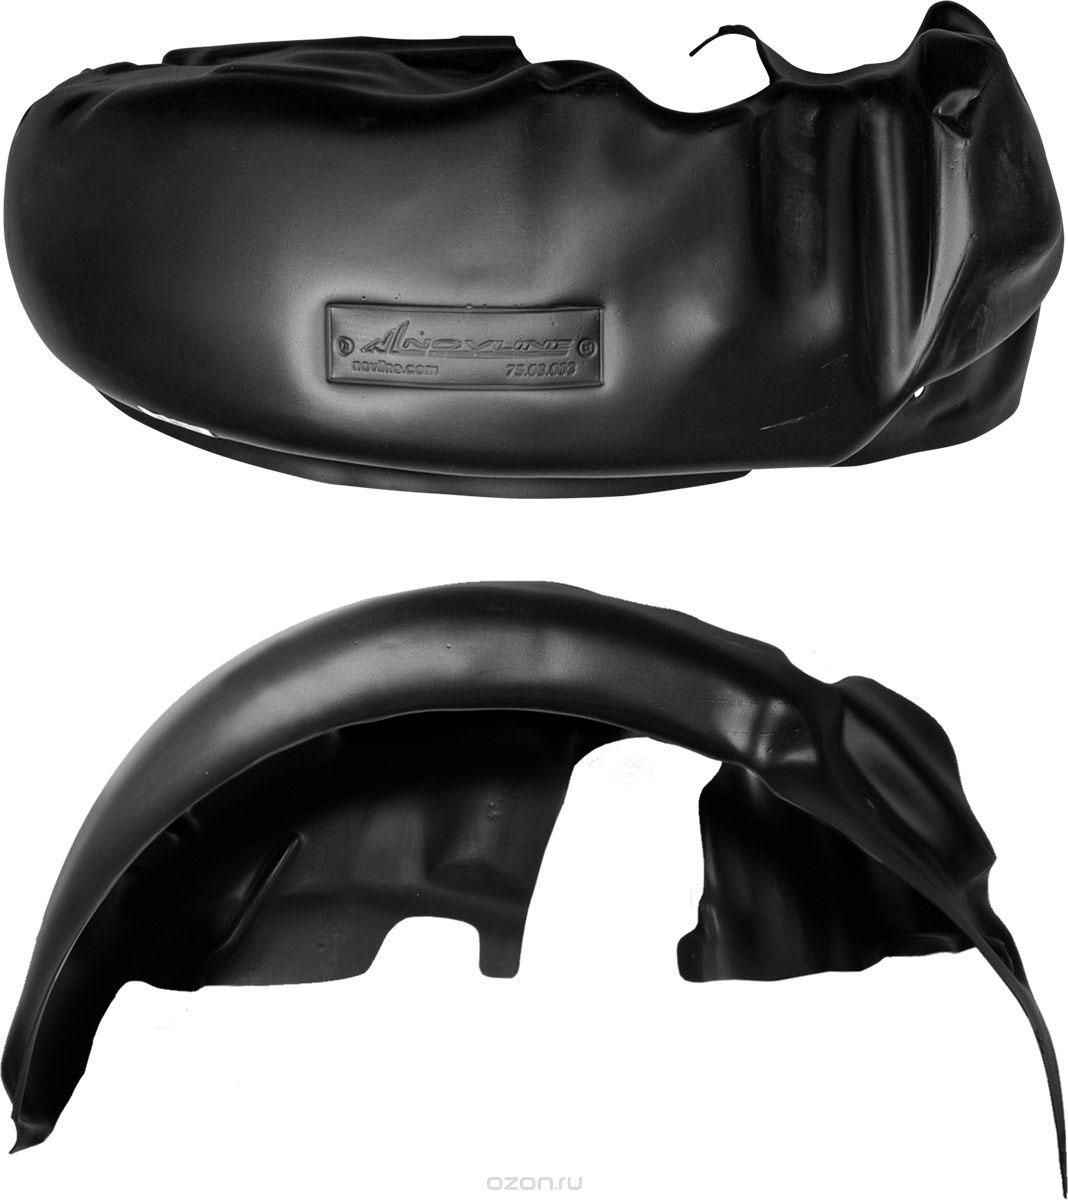 Подкрылок Novline-Autofamily, для HAVAL H8, 09/2015->, задний правыйSATURN CANCARDИдеальная защита колесной ниши. Локеры разработаны с применением цифровых технологий, гарантируют максимальную повторяемость поверхности арки. Изделия устанавливаются без нарушения лакокрасочного покрытия автомобиля, каждый подкрылок комплектуется крепежом. Уважаемые клиенты, обращаем ваше внимание, что фотографии на подкрылки универсальные и не отражают реальную форму изделия. При этом само изделие идет точно под размер указанного автомобиля.